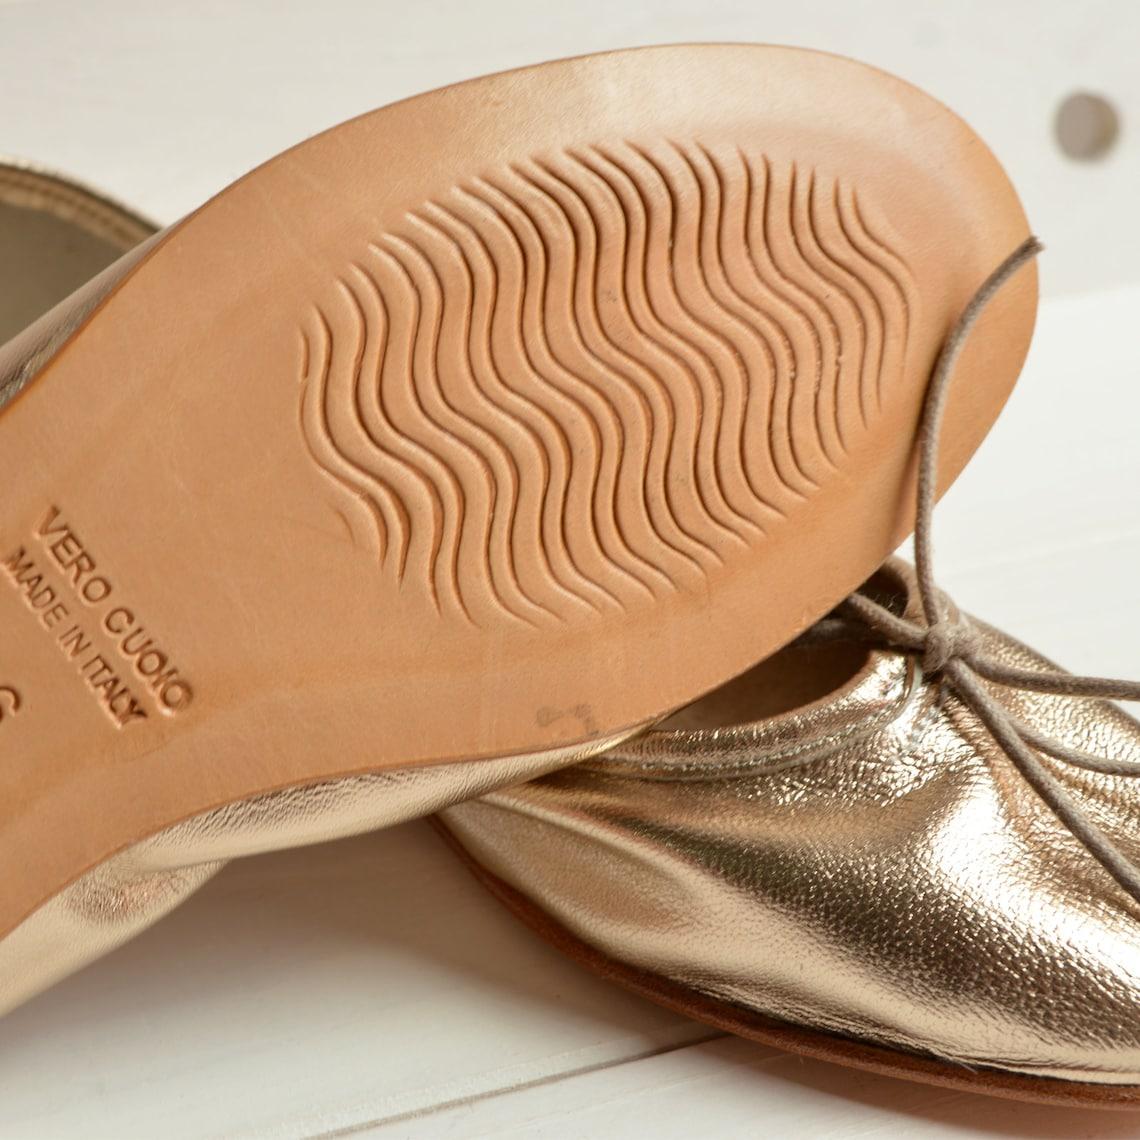 SUPER SOFT! Ballerine in pelle, laminata oro chiaro. Scarpe donna eleganti. Realizzate in Italia con materiali naturali. Flat gold ballerina - Scarpe alla moda 1MbpZcte GEg4Re RqBpev